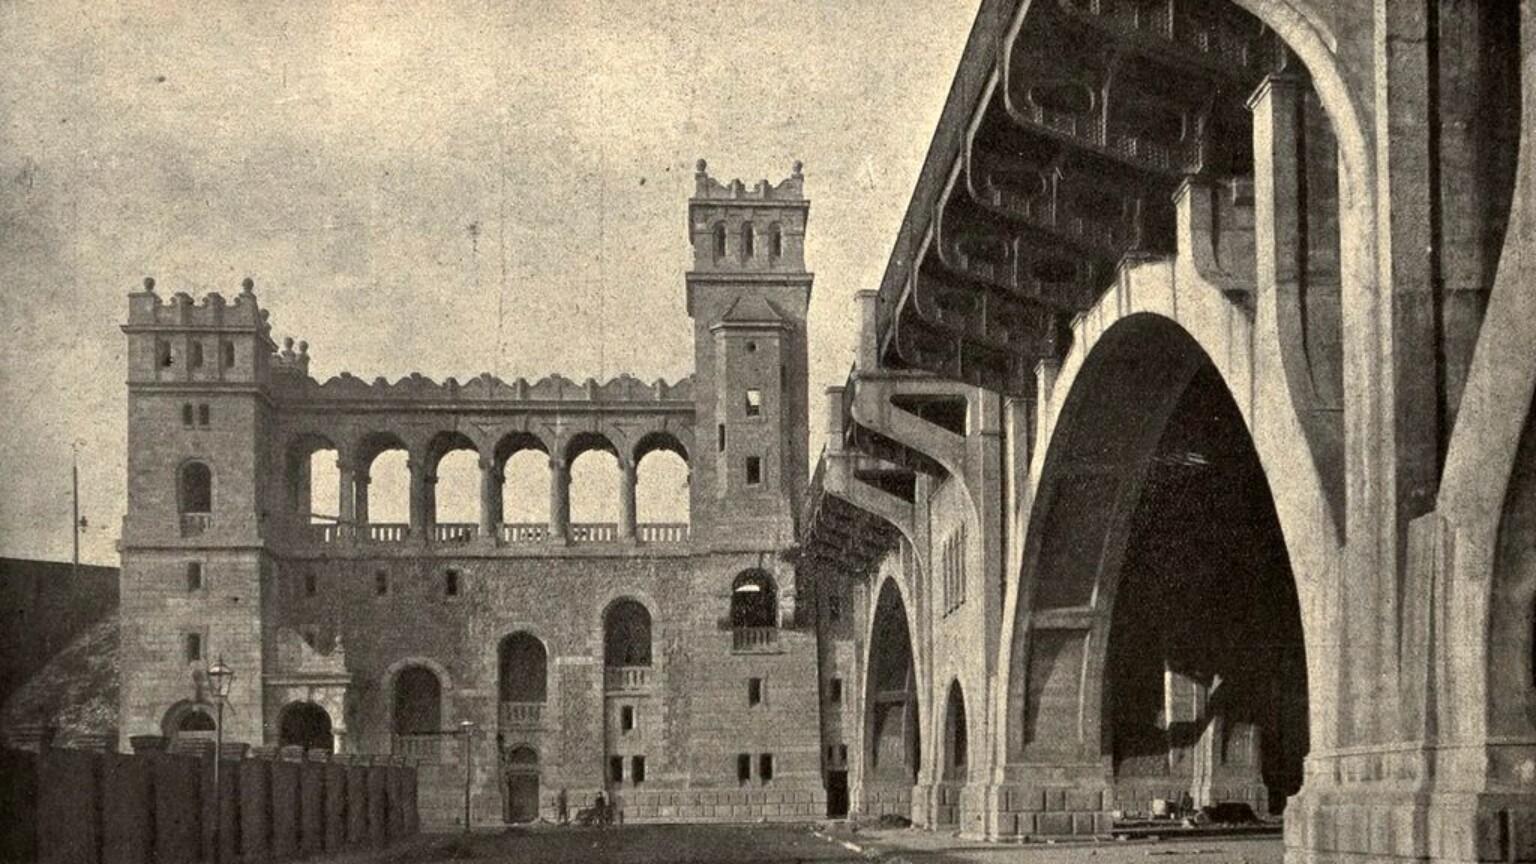 Zdjęcie dla kartki: Oficjalne otwarcie mostu Mikołajewskiego (obecnie ks. J. Poniatowskiego)